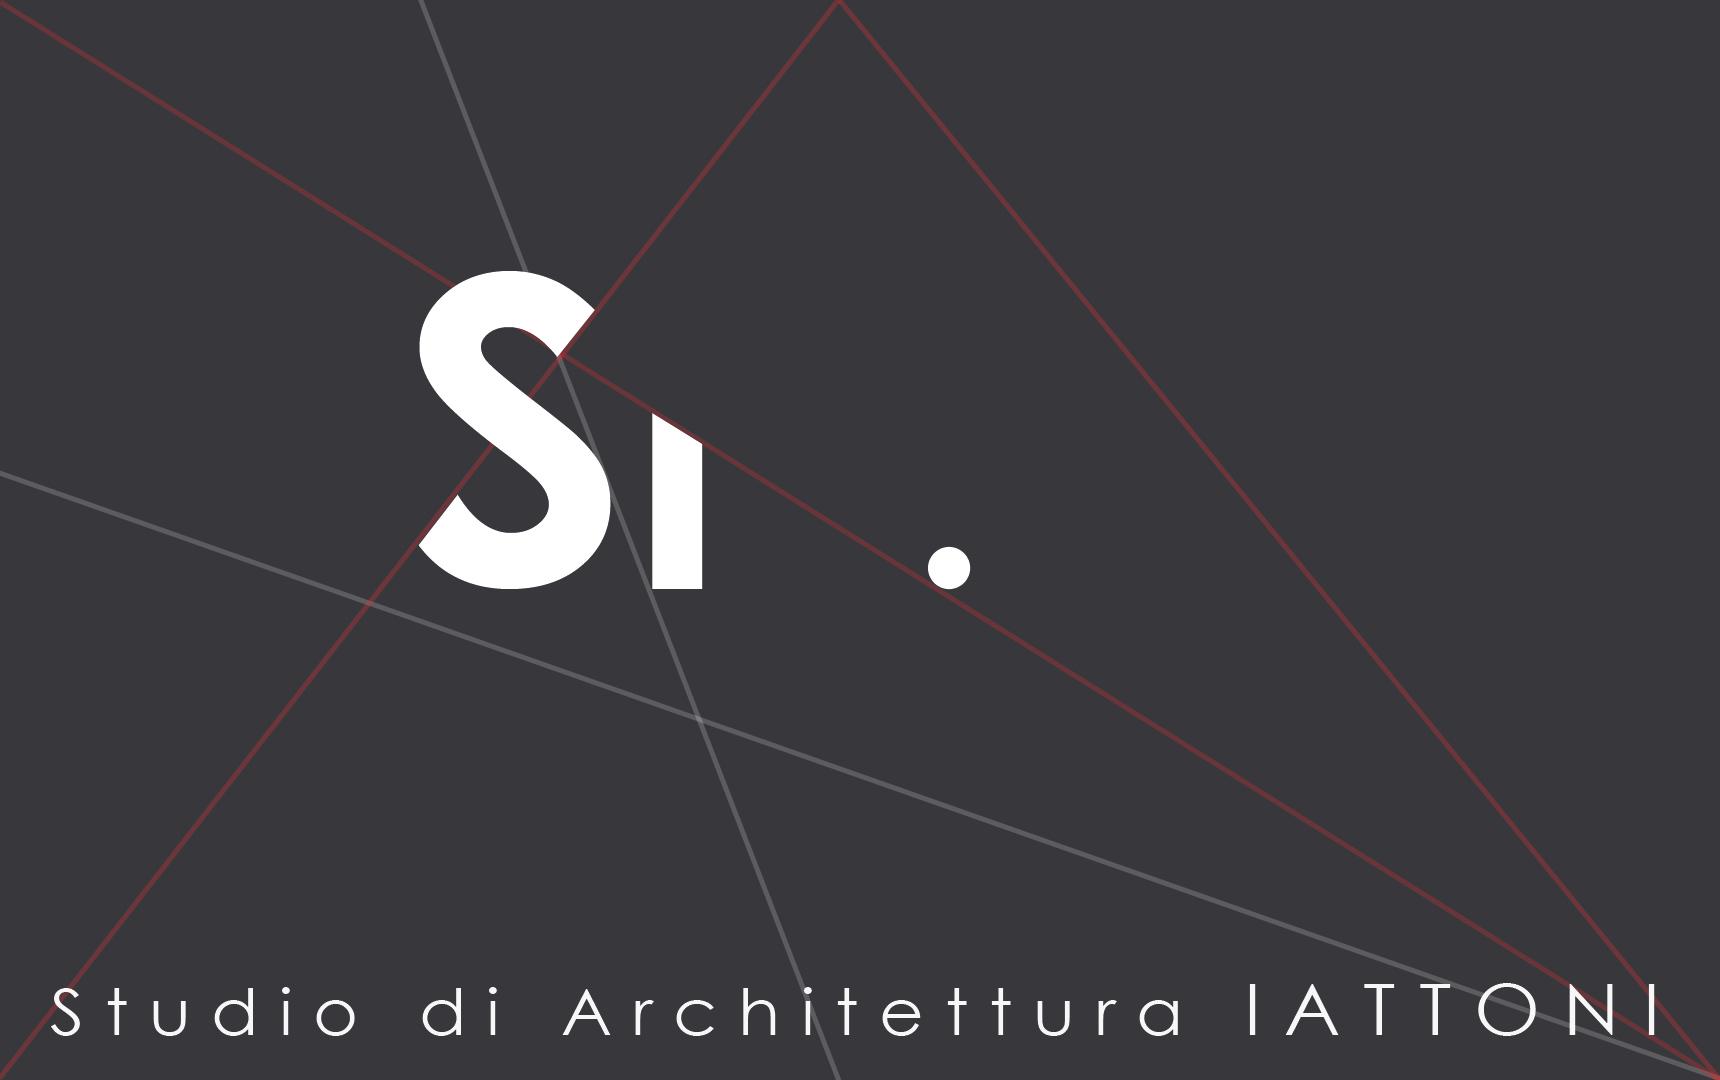 Studio Di Architettura Iattoni